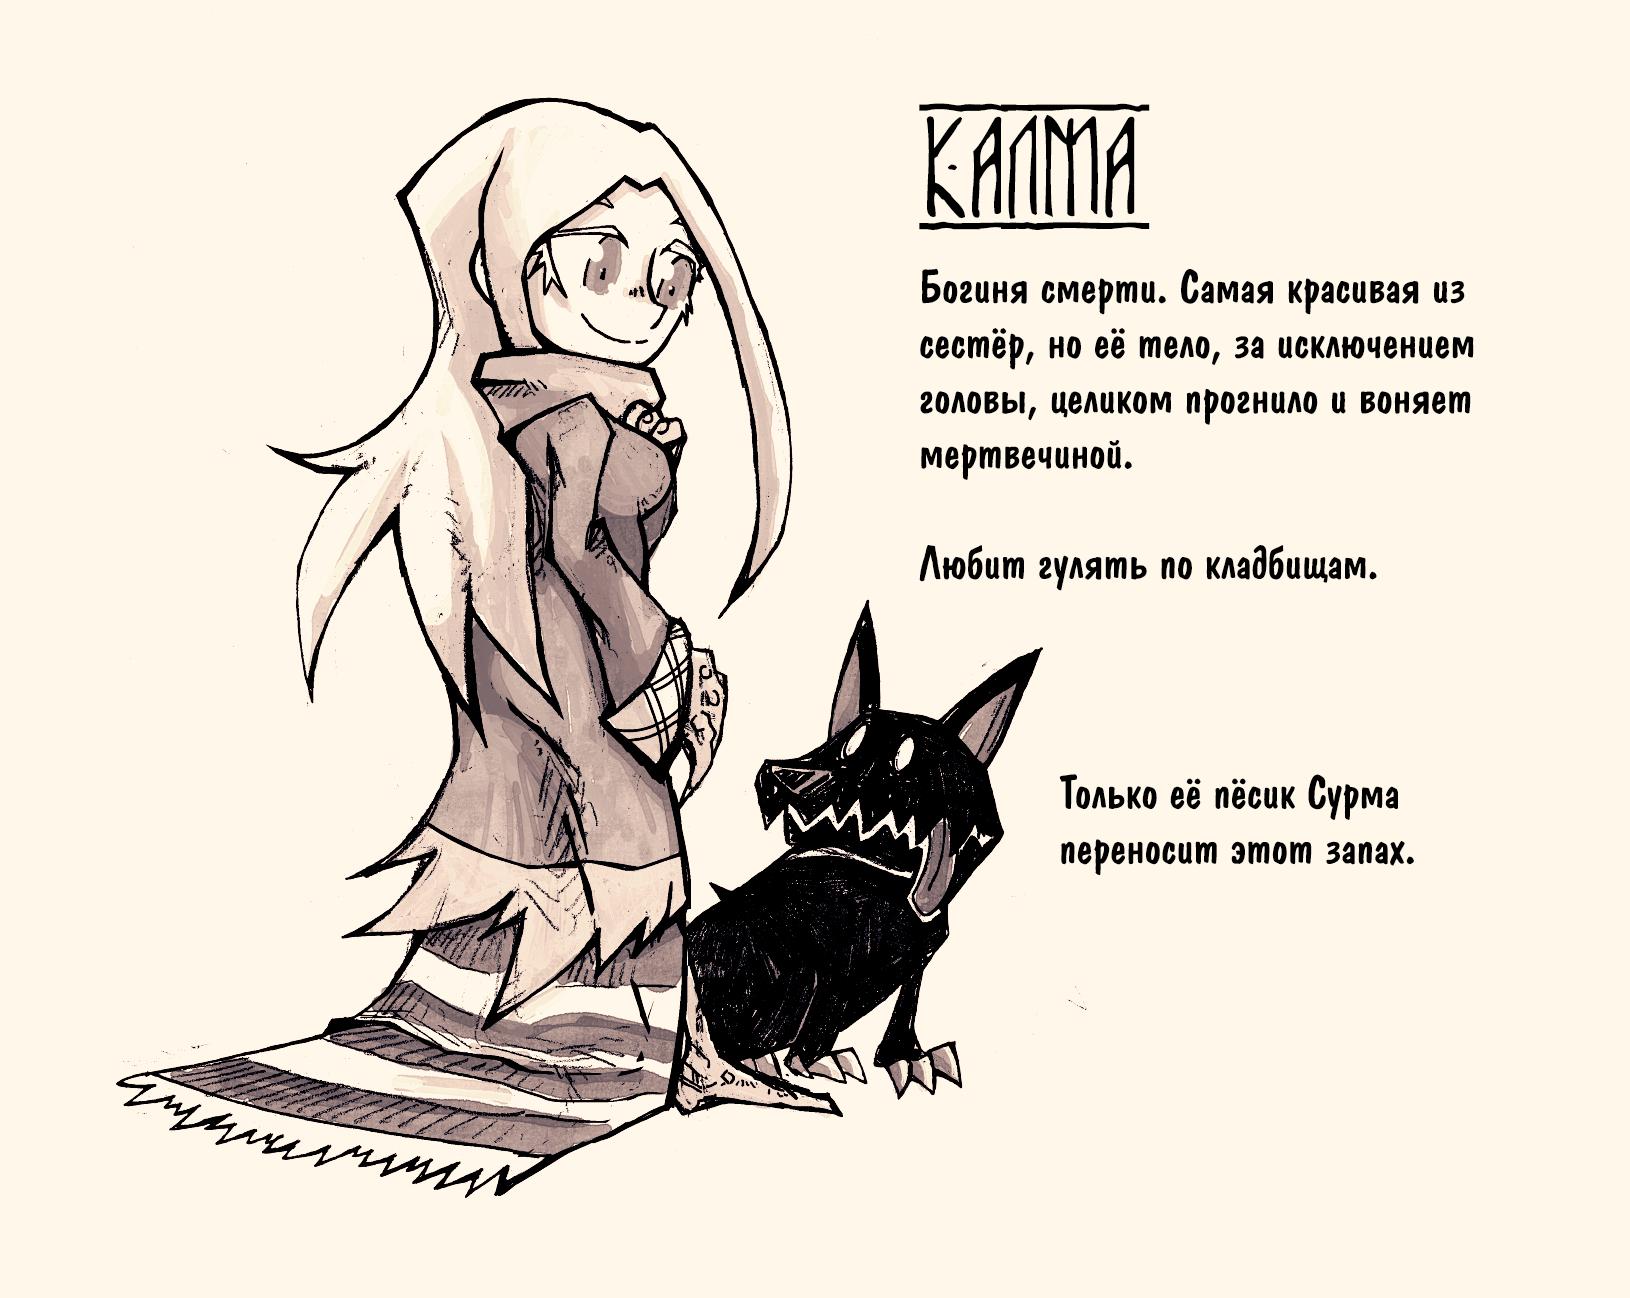 Занимательная финская мифология от Setzeri.